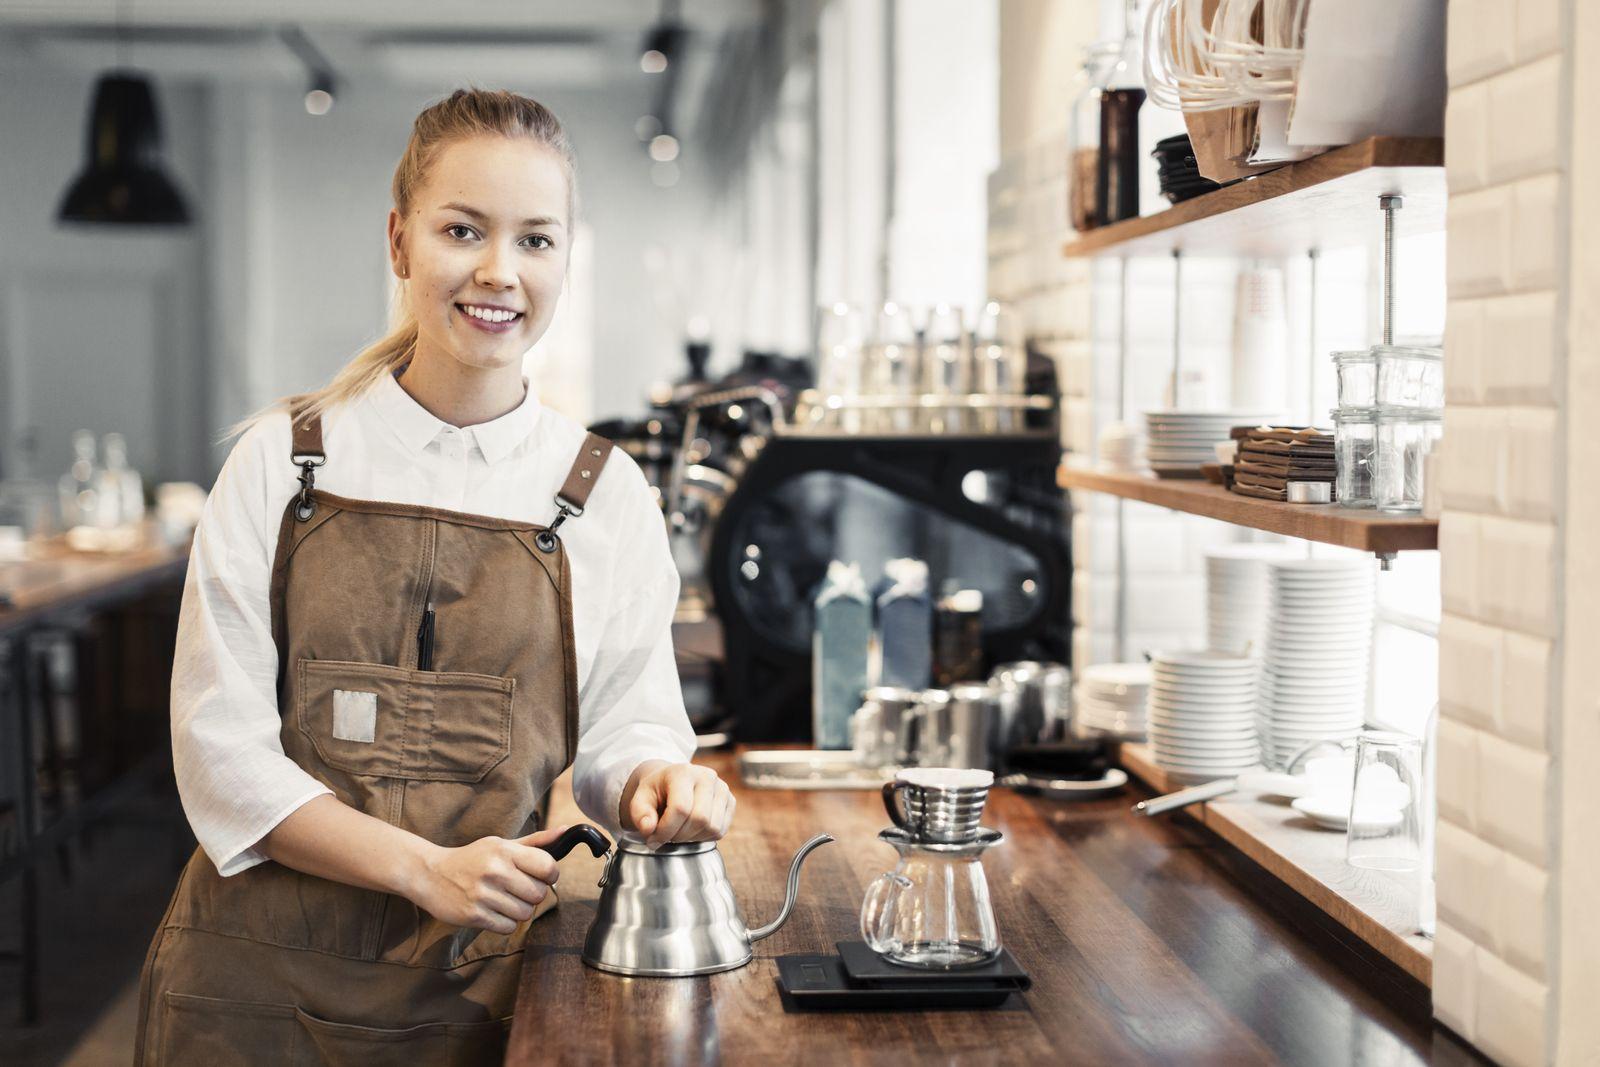 NICHT MEHR VERWENDEN! - Start-up / Cafe